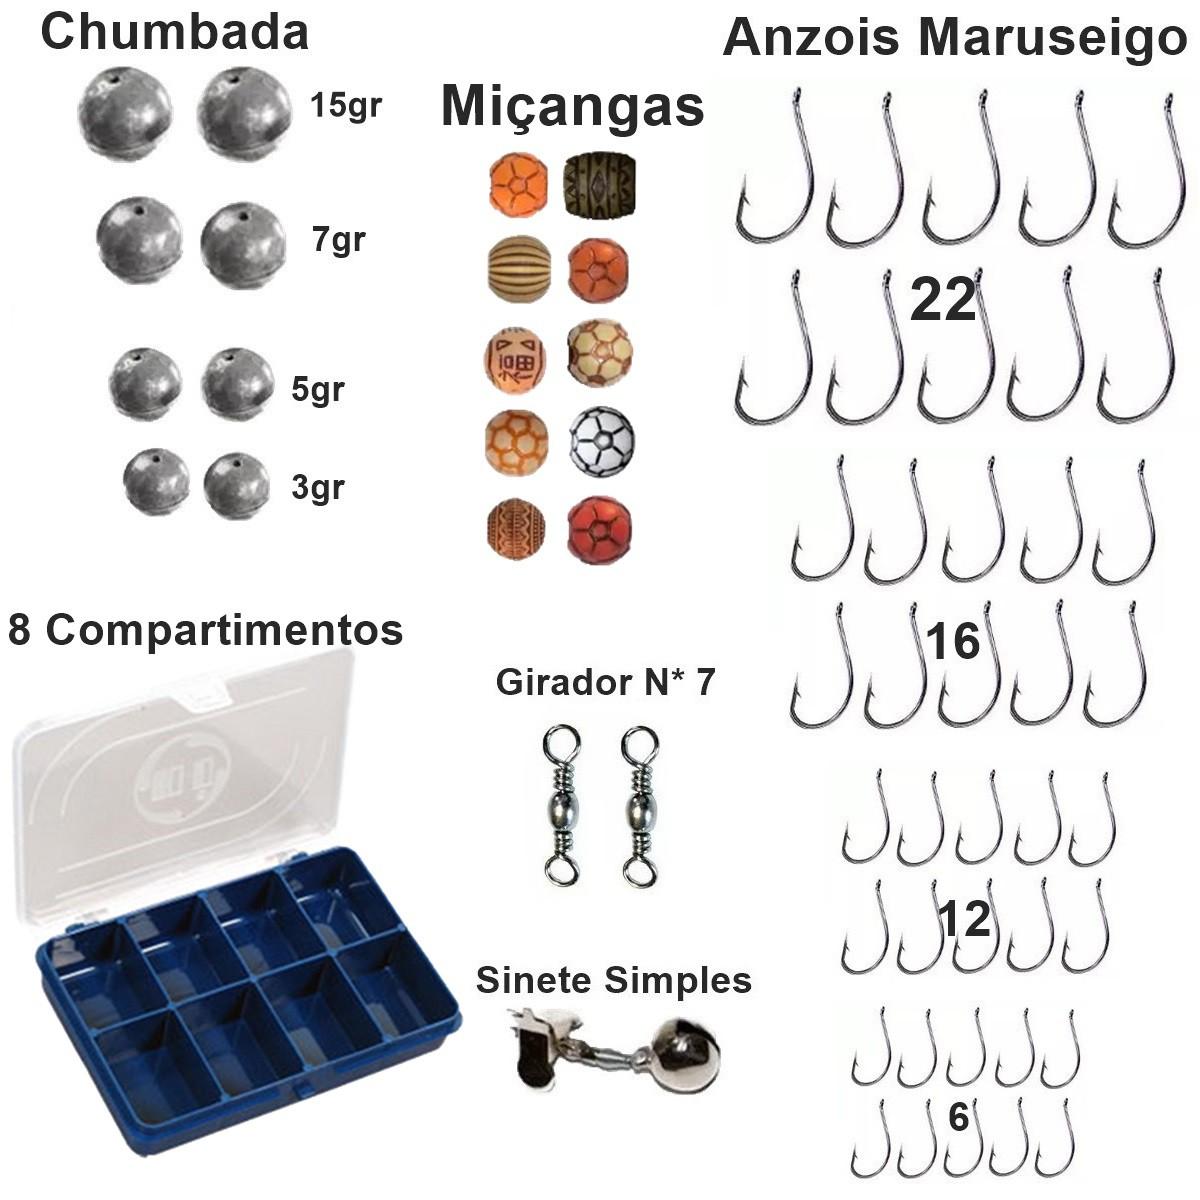 Kit De Pesca Completo 2 Vara 2 Molinete 3 Rol Todos Os Itens